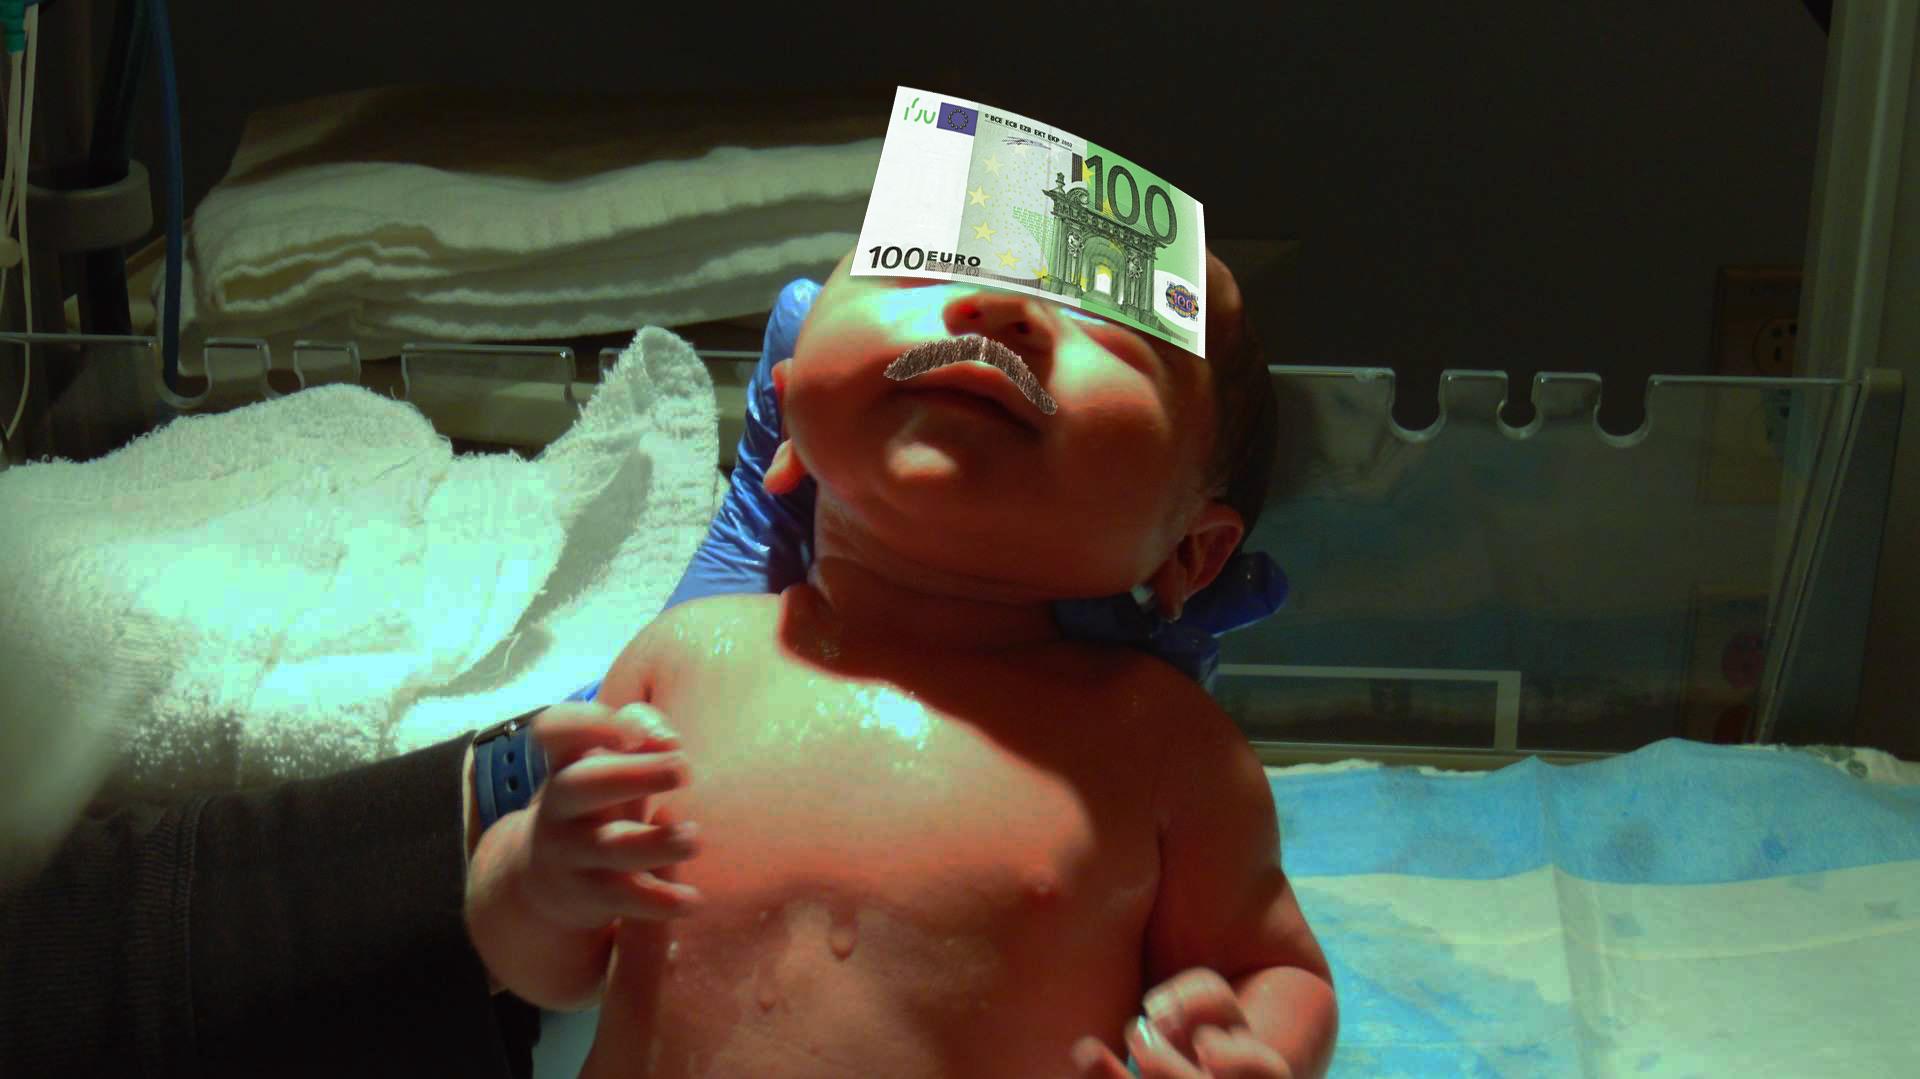 Copilul unui manelist s-a născut cu șpaga pentru asistentă lipită pe frunte!